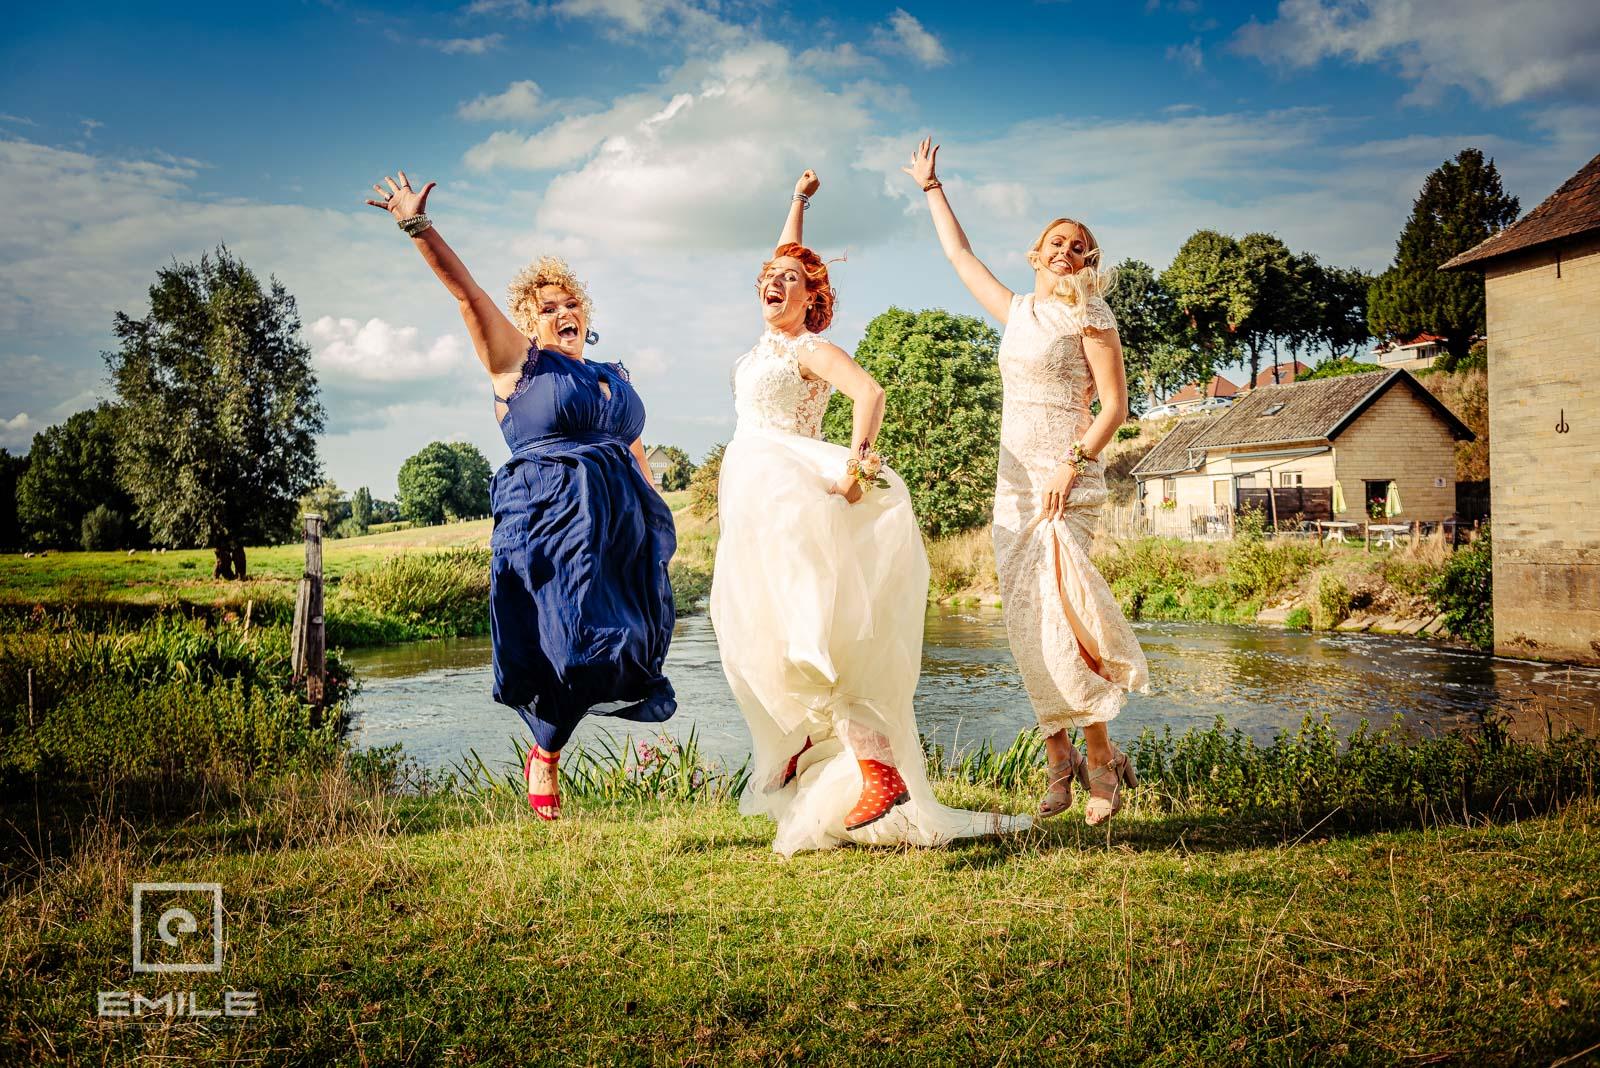 Met de vriendinnen in de lucht springen. Bruiloft Limburg - Wylre